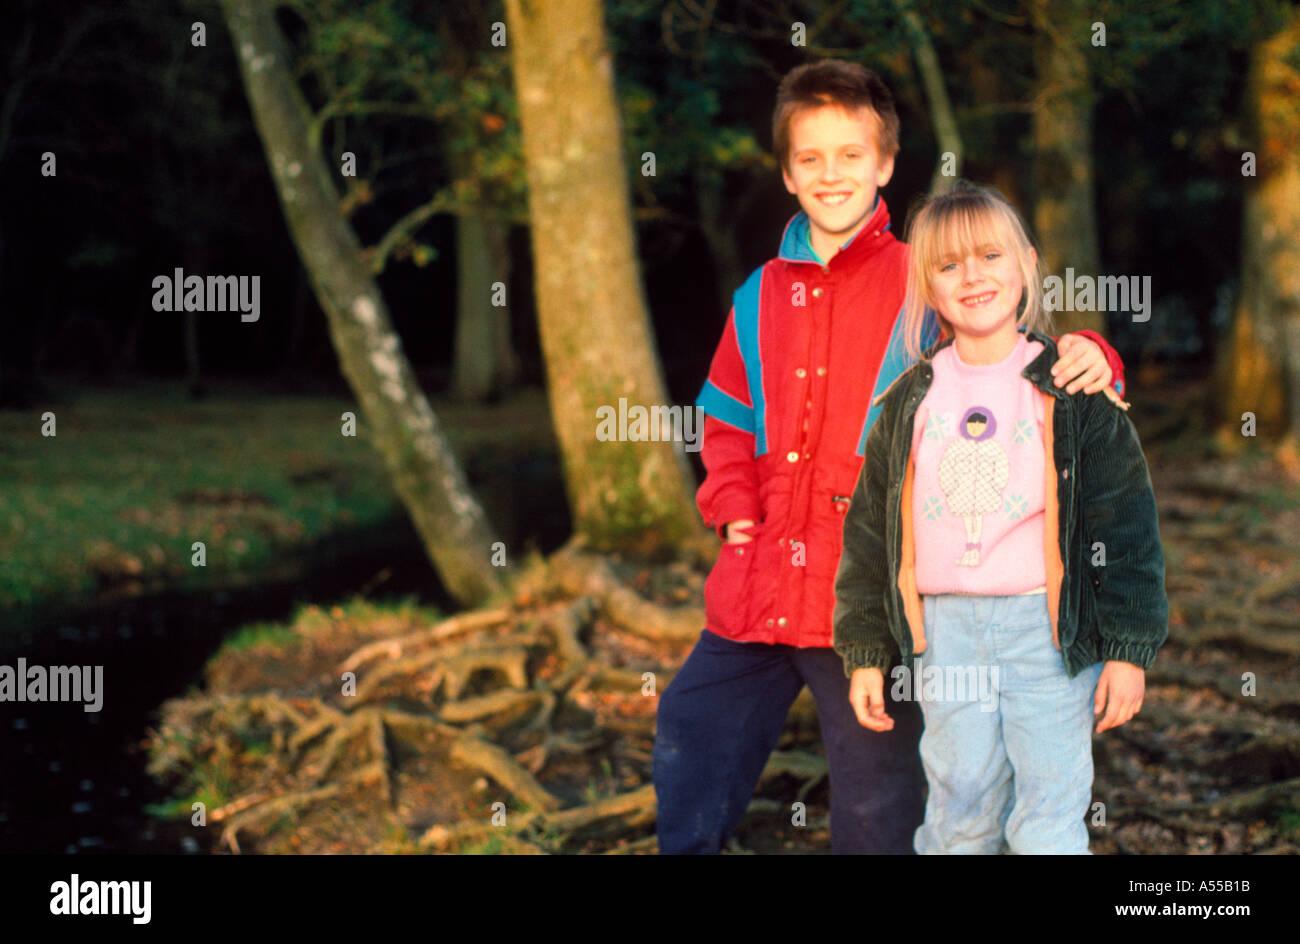 Kinder in Holz bei der New Forest ca. 1990 Stockbild